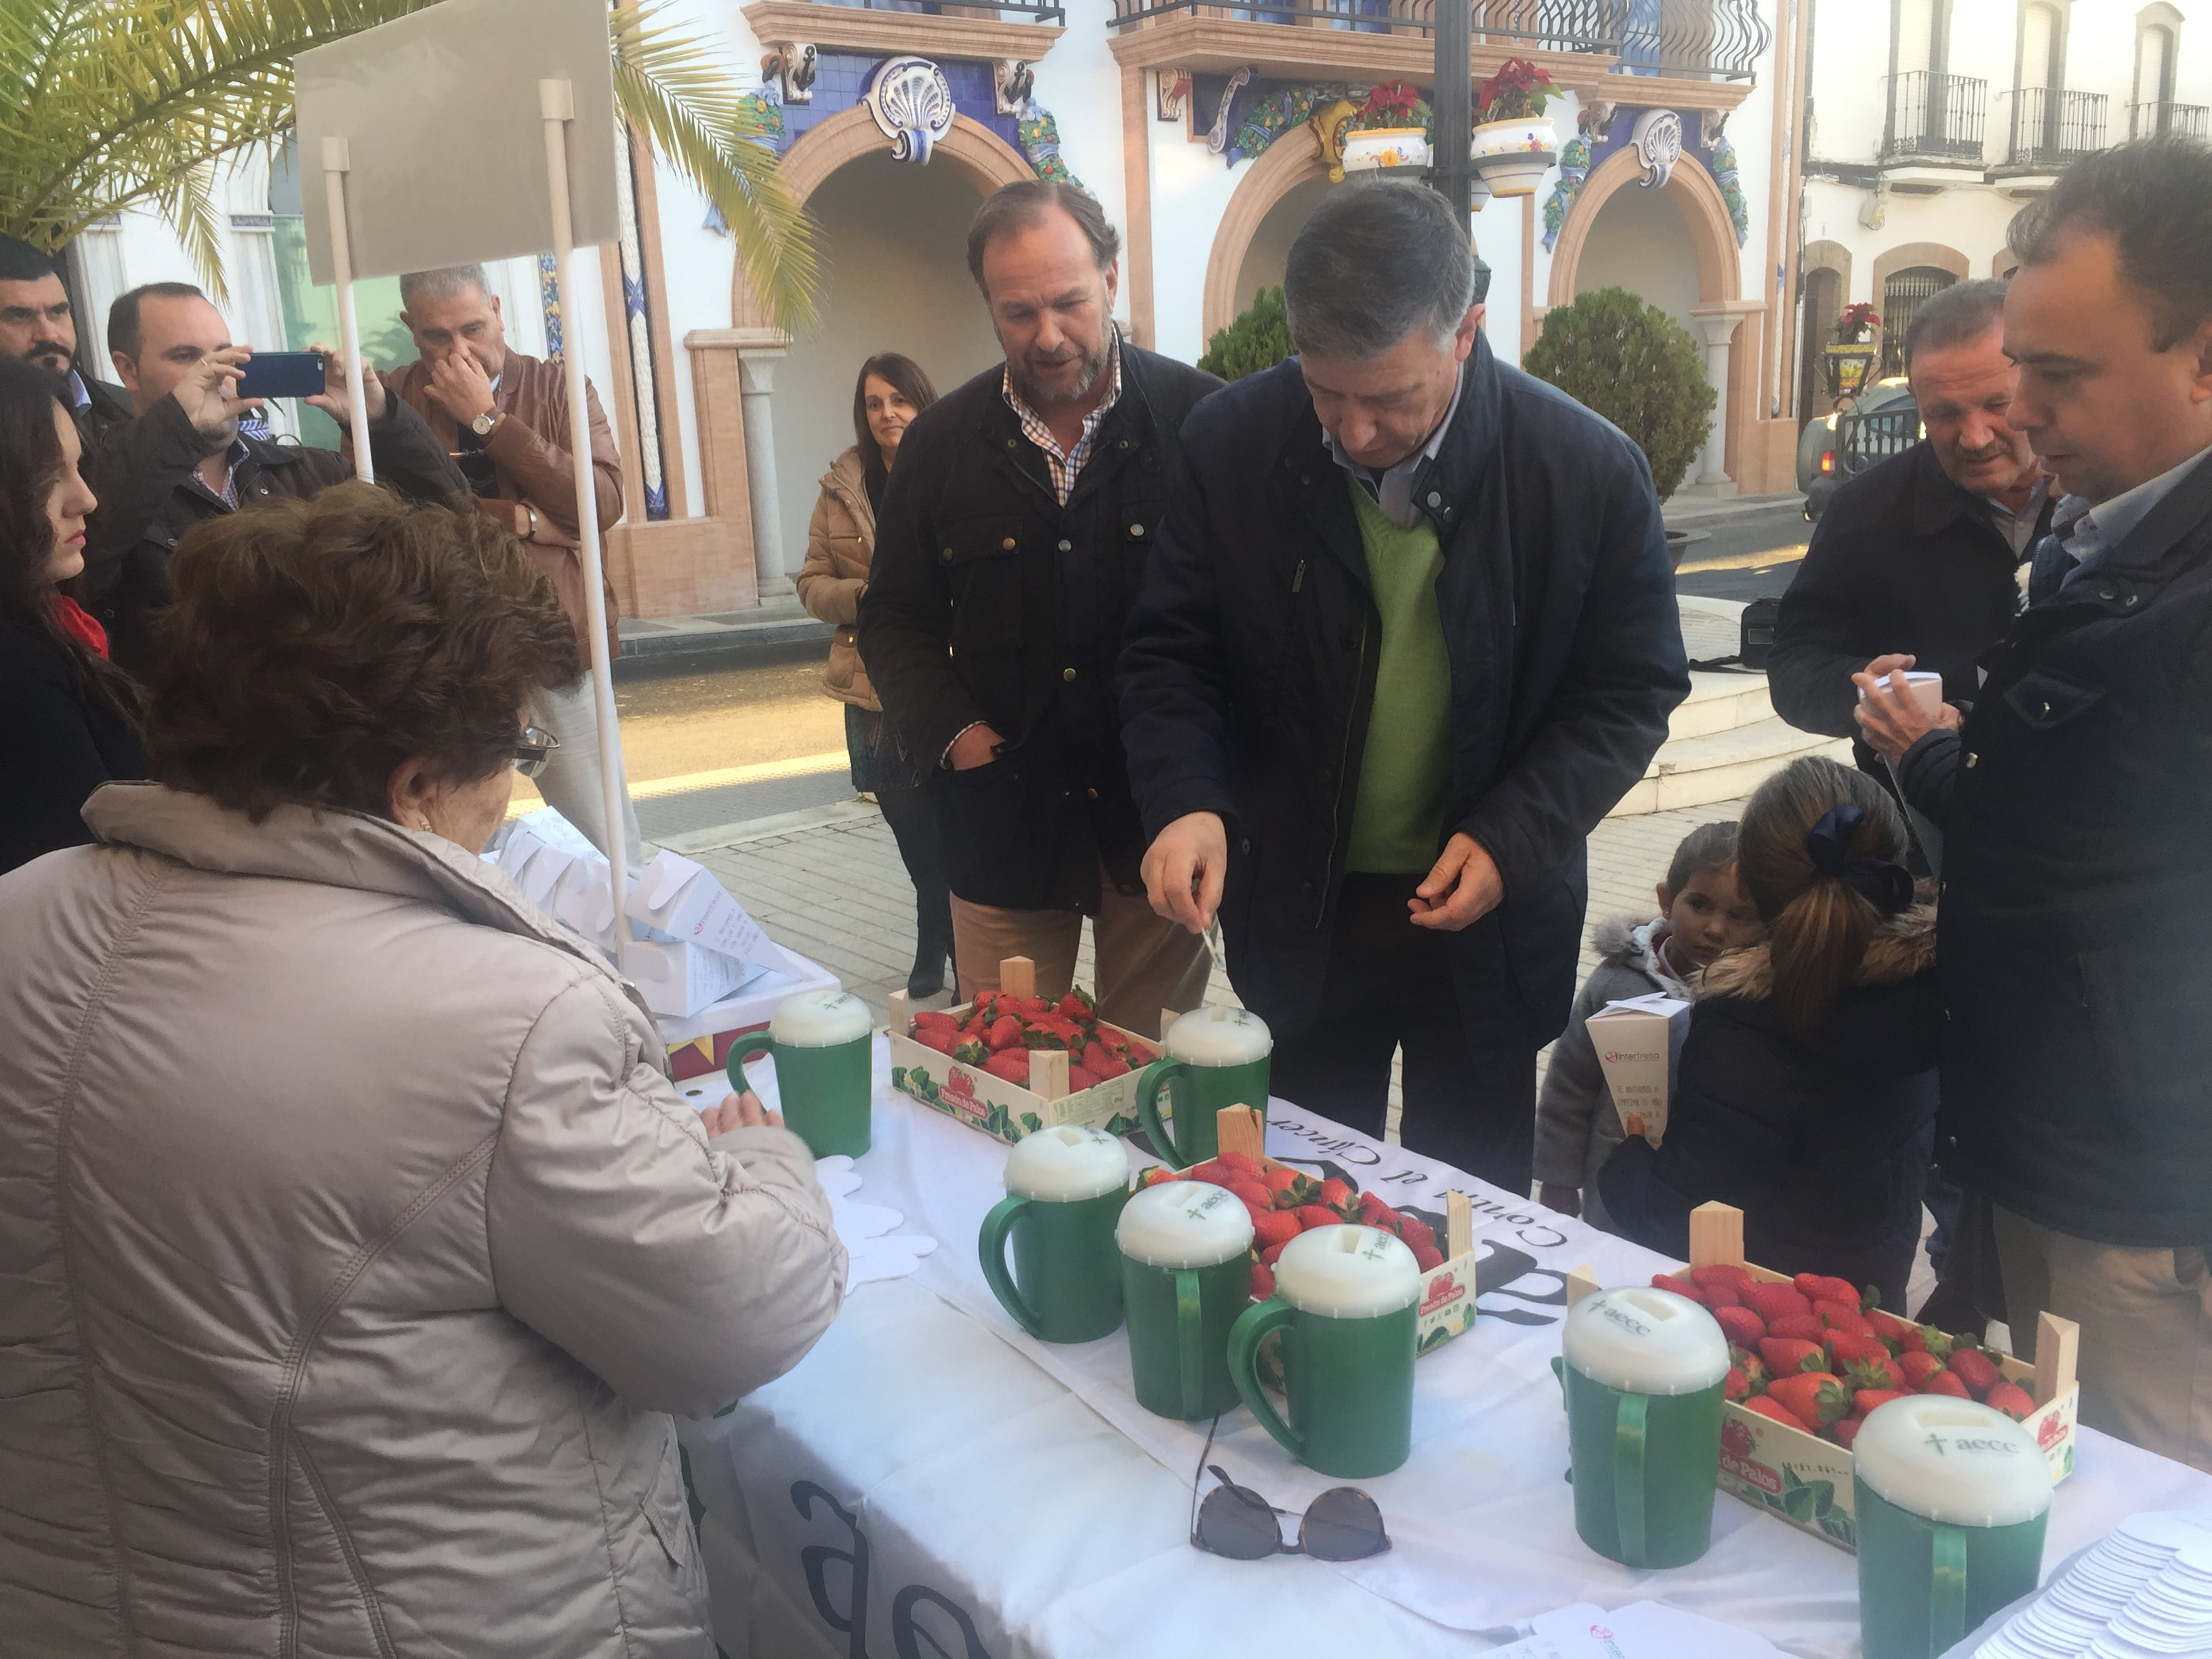 El alcalde de Palos de la Frontera, Carmelo Romero, se acercó hasta el stand para apoyar la inIciativa solidaria de Interfesa 'Campanadas con fresas' a favor de AECC.